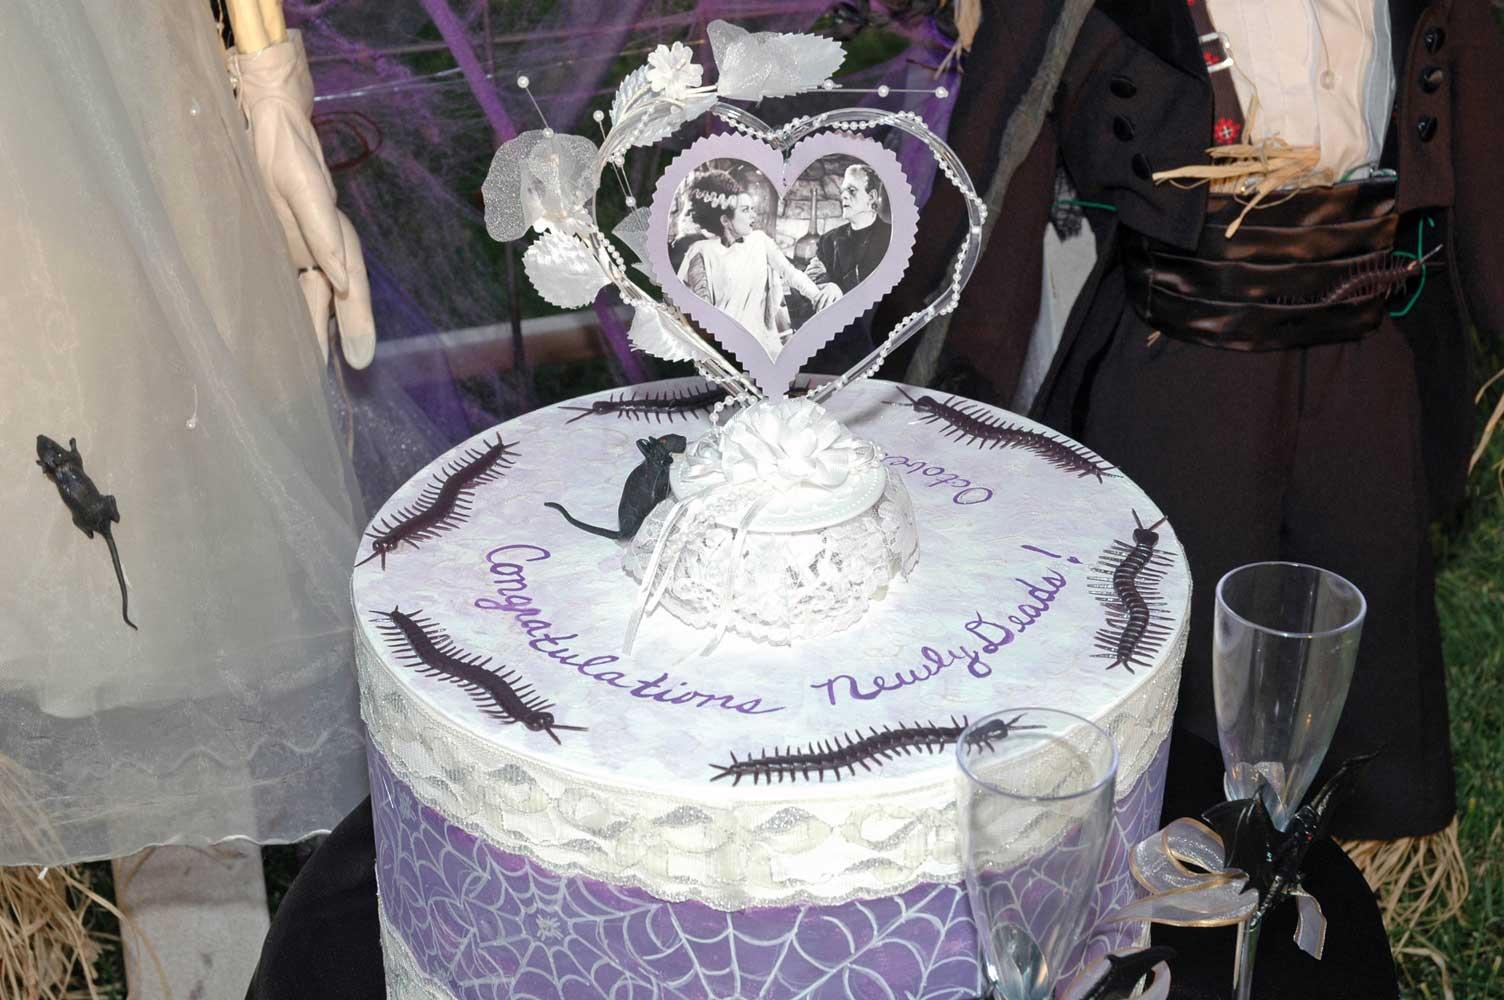 Yummy enough to eat! Frakenstein's custom cake.